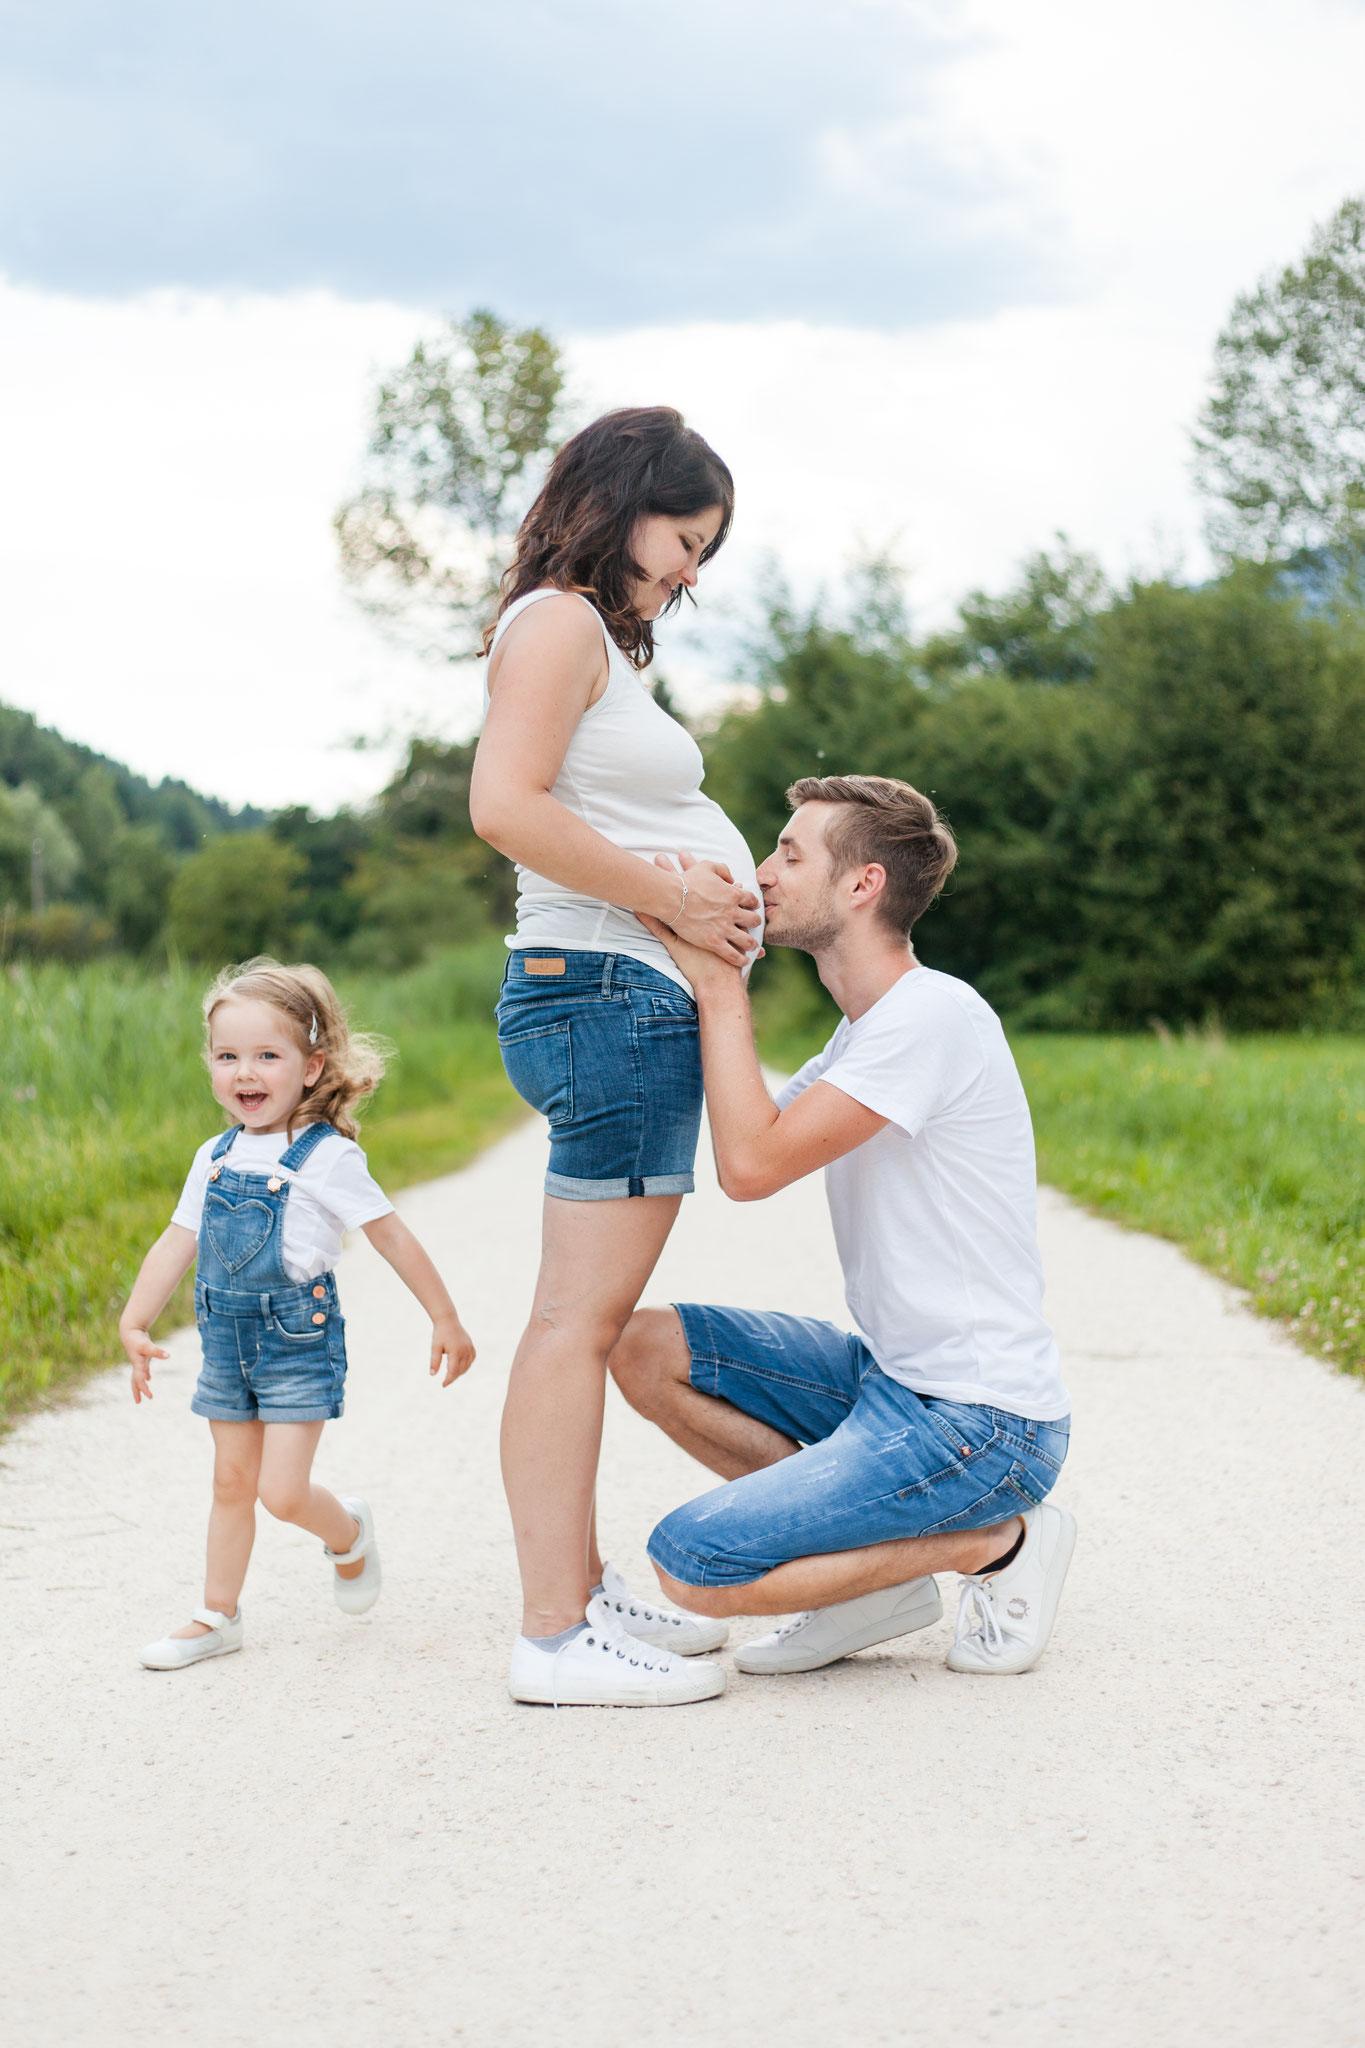 Babybauchfoto mit Kind